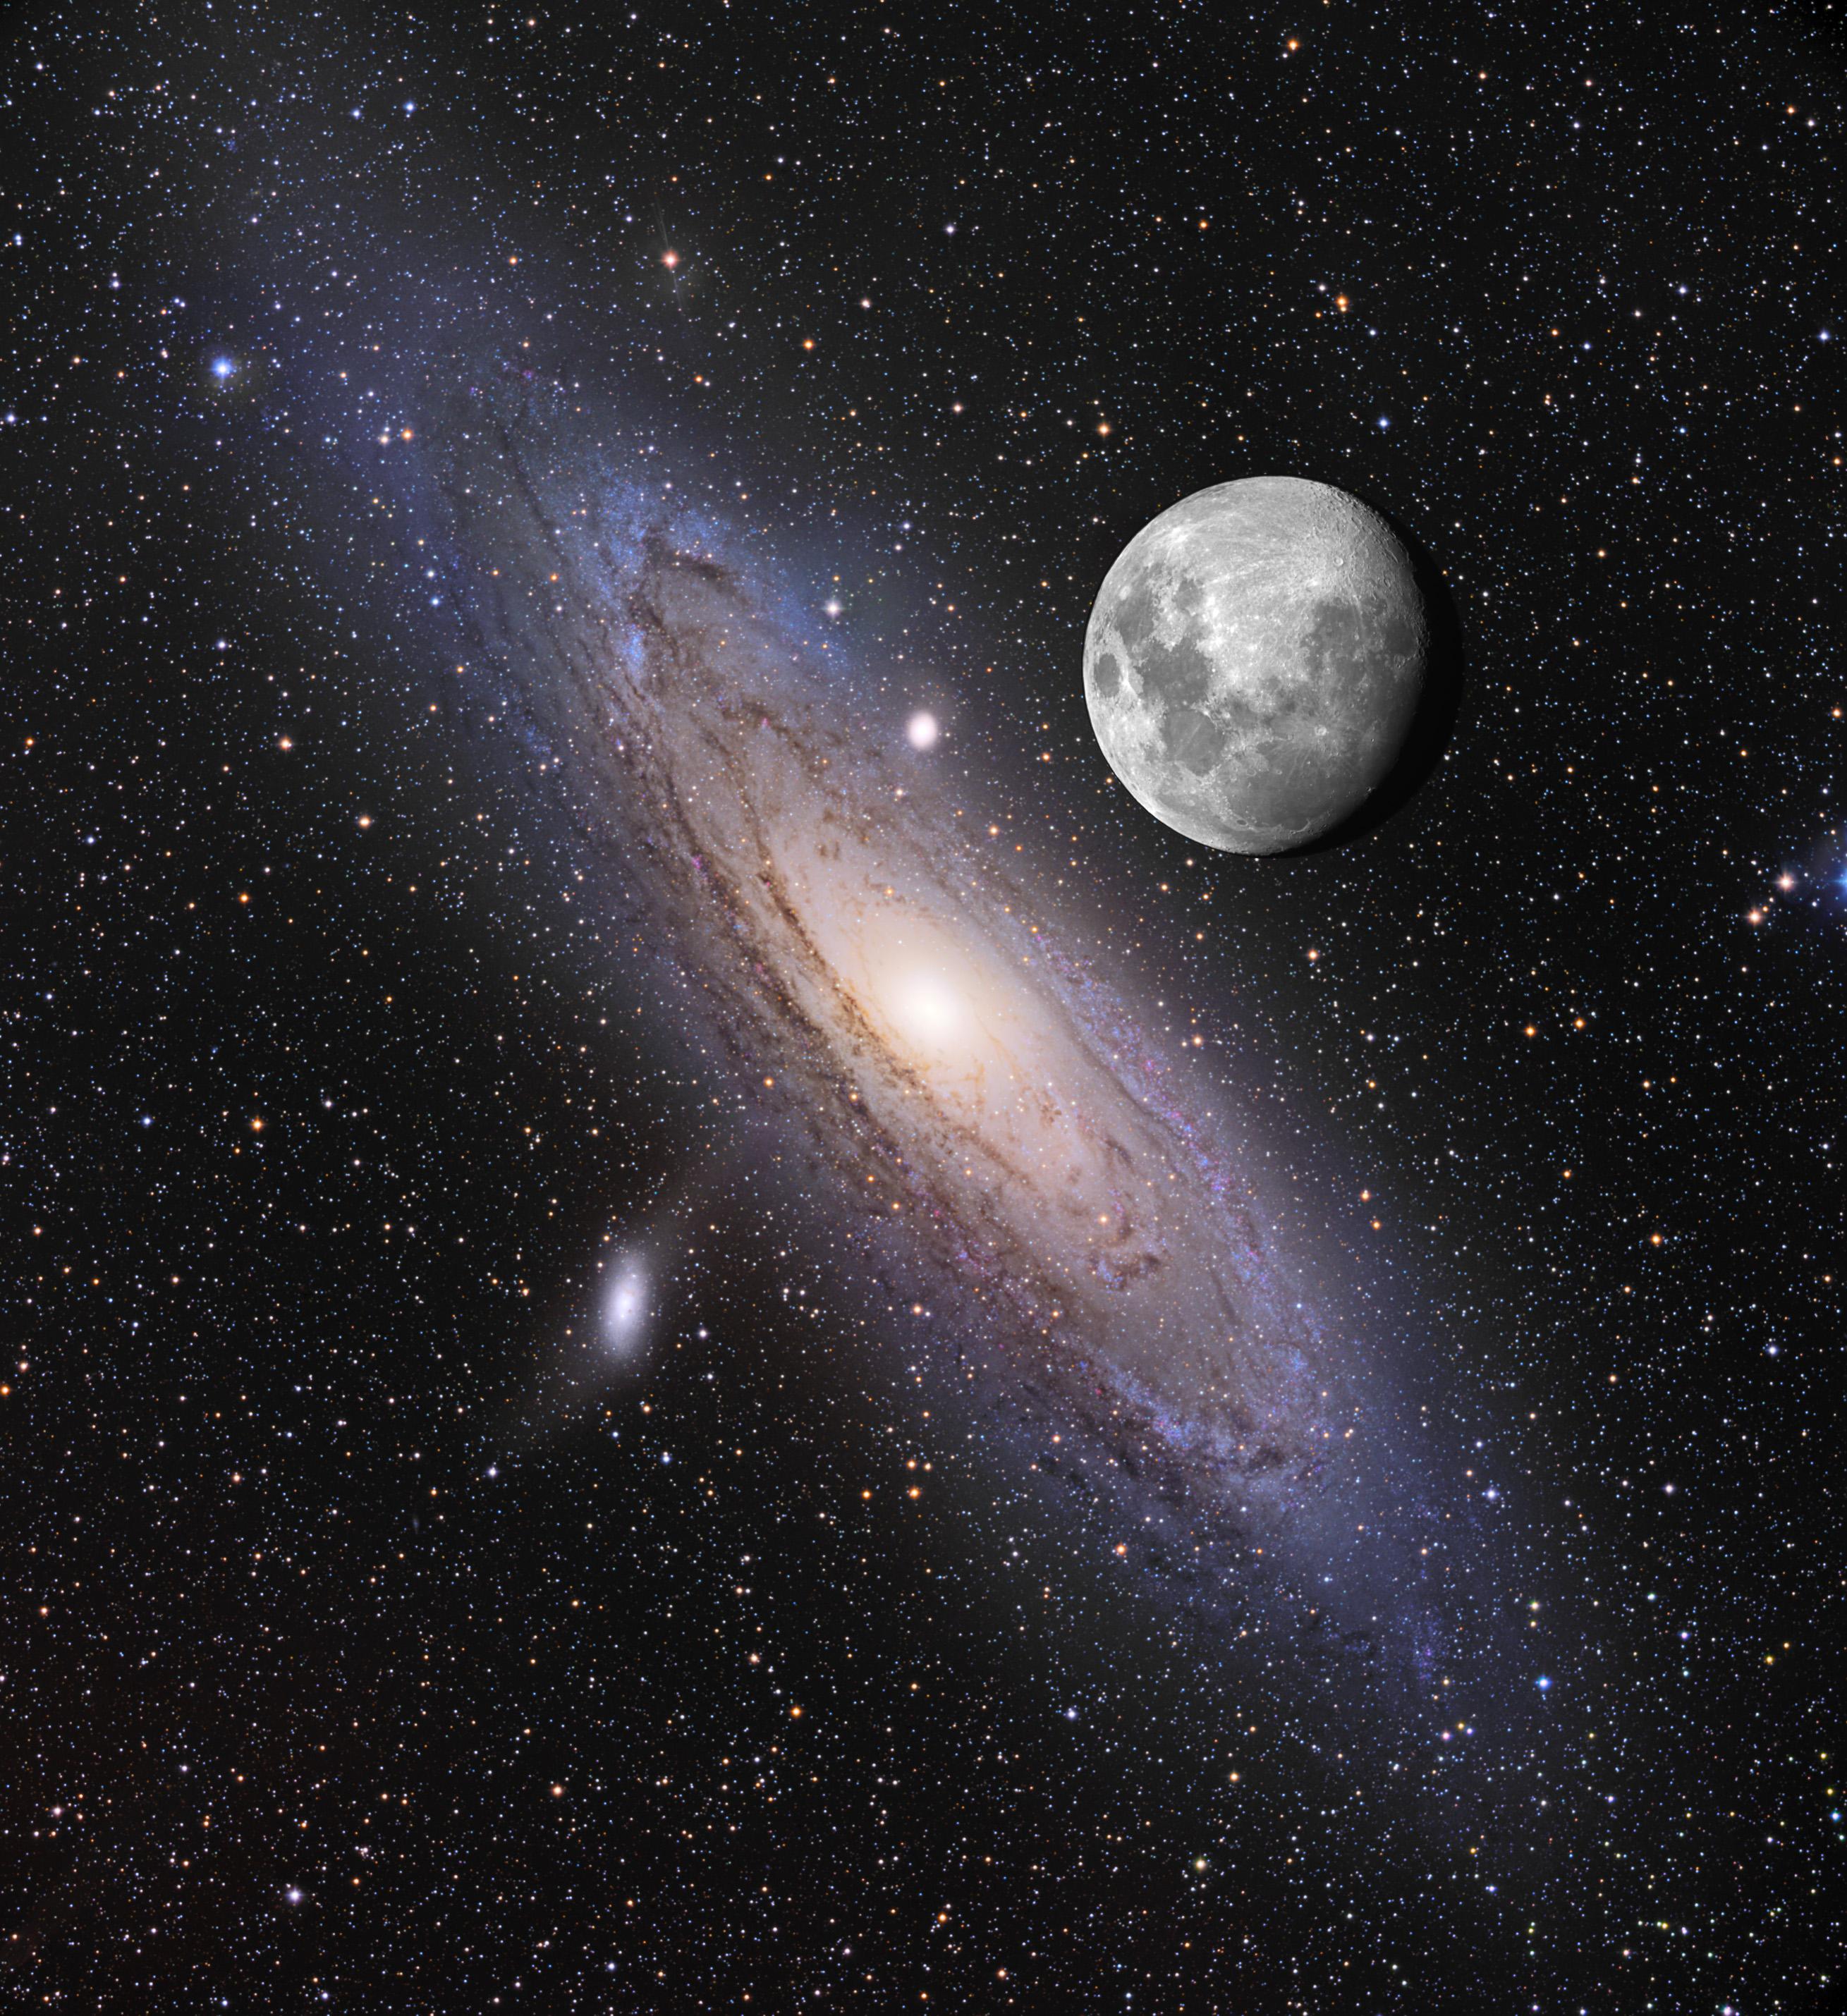 Galaktyka Andromedy w porównaniu z księżycem.